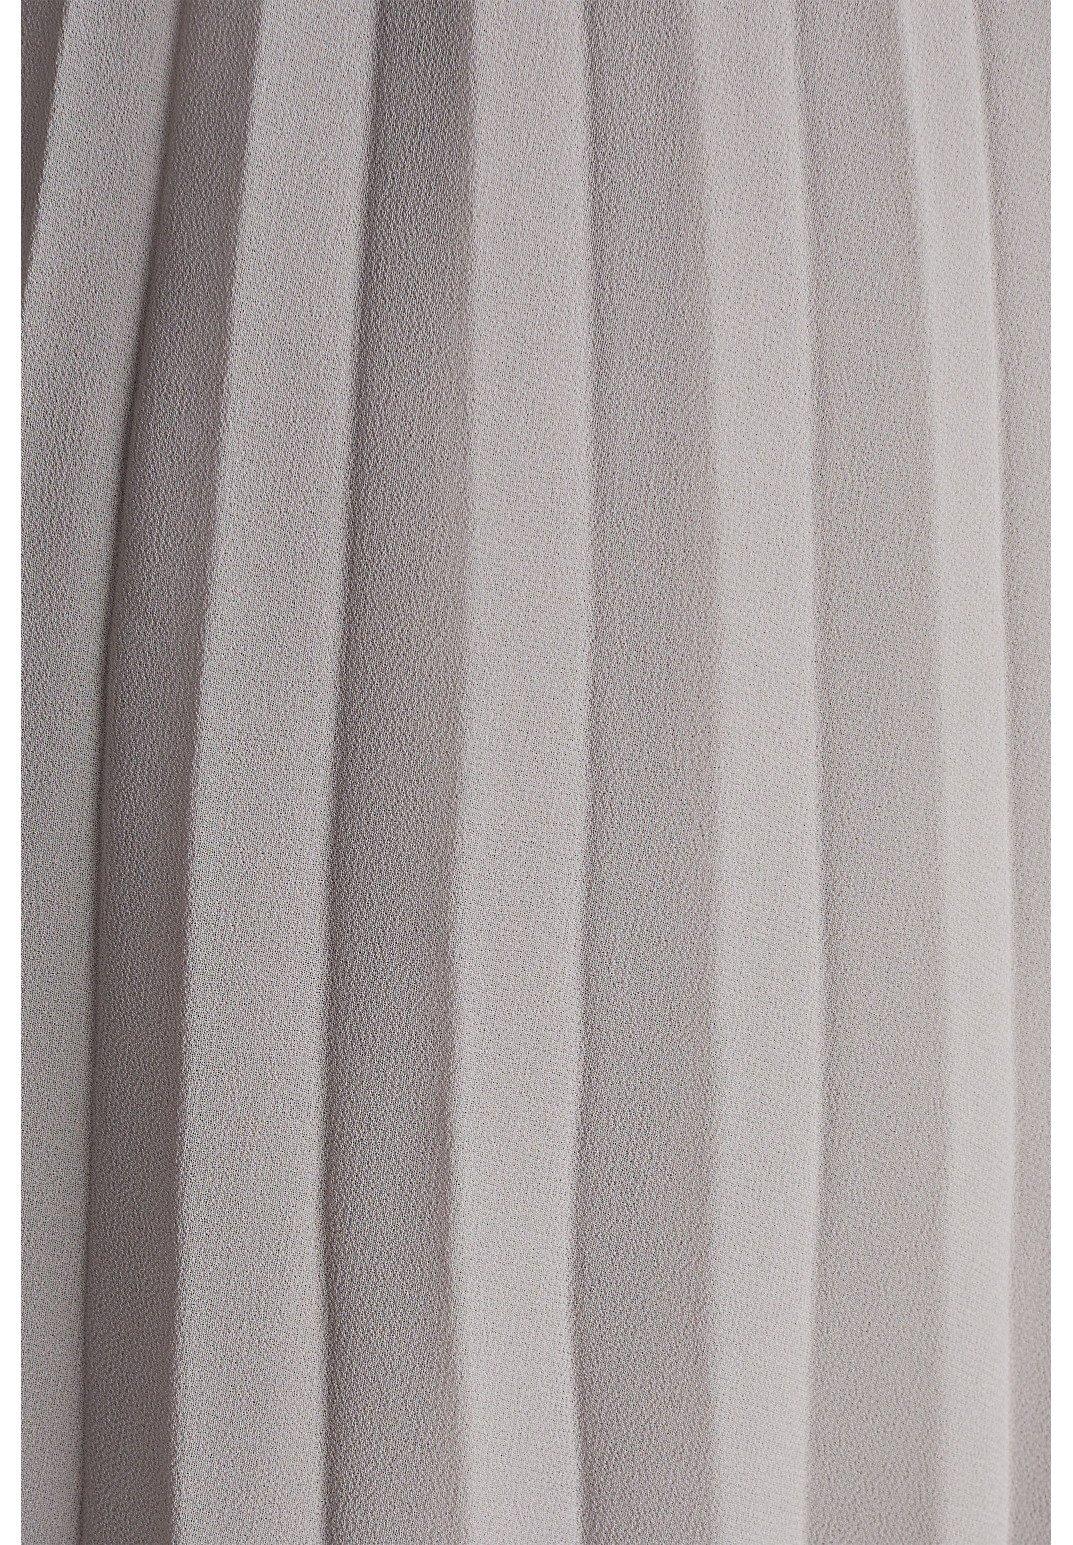 Esprit Collection Freizeitkleid grey/grau